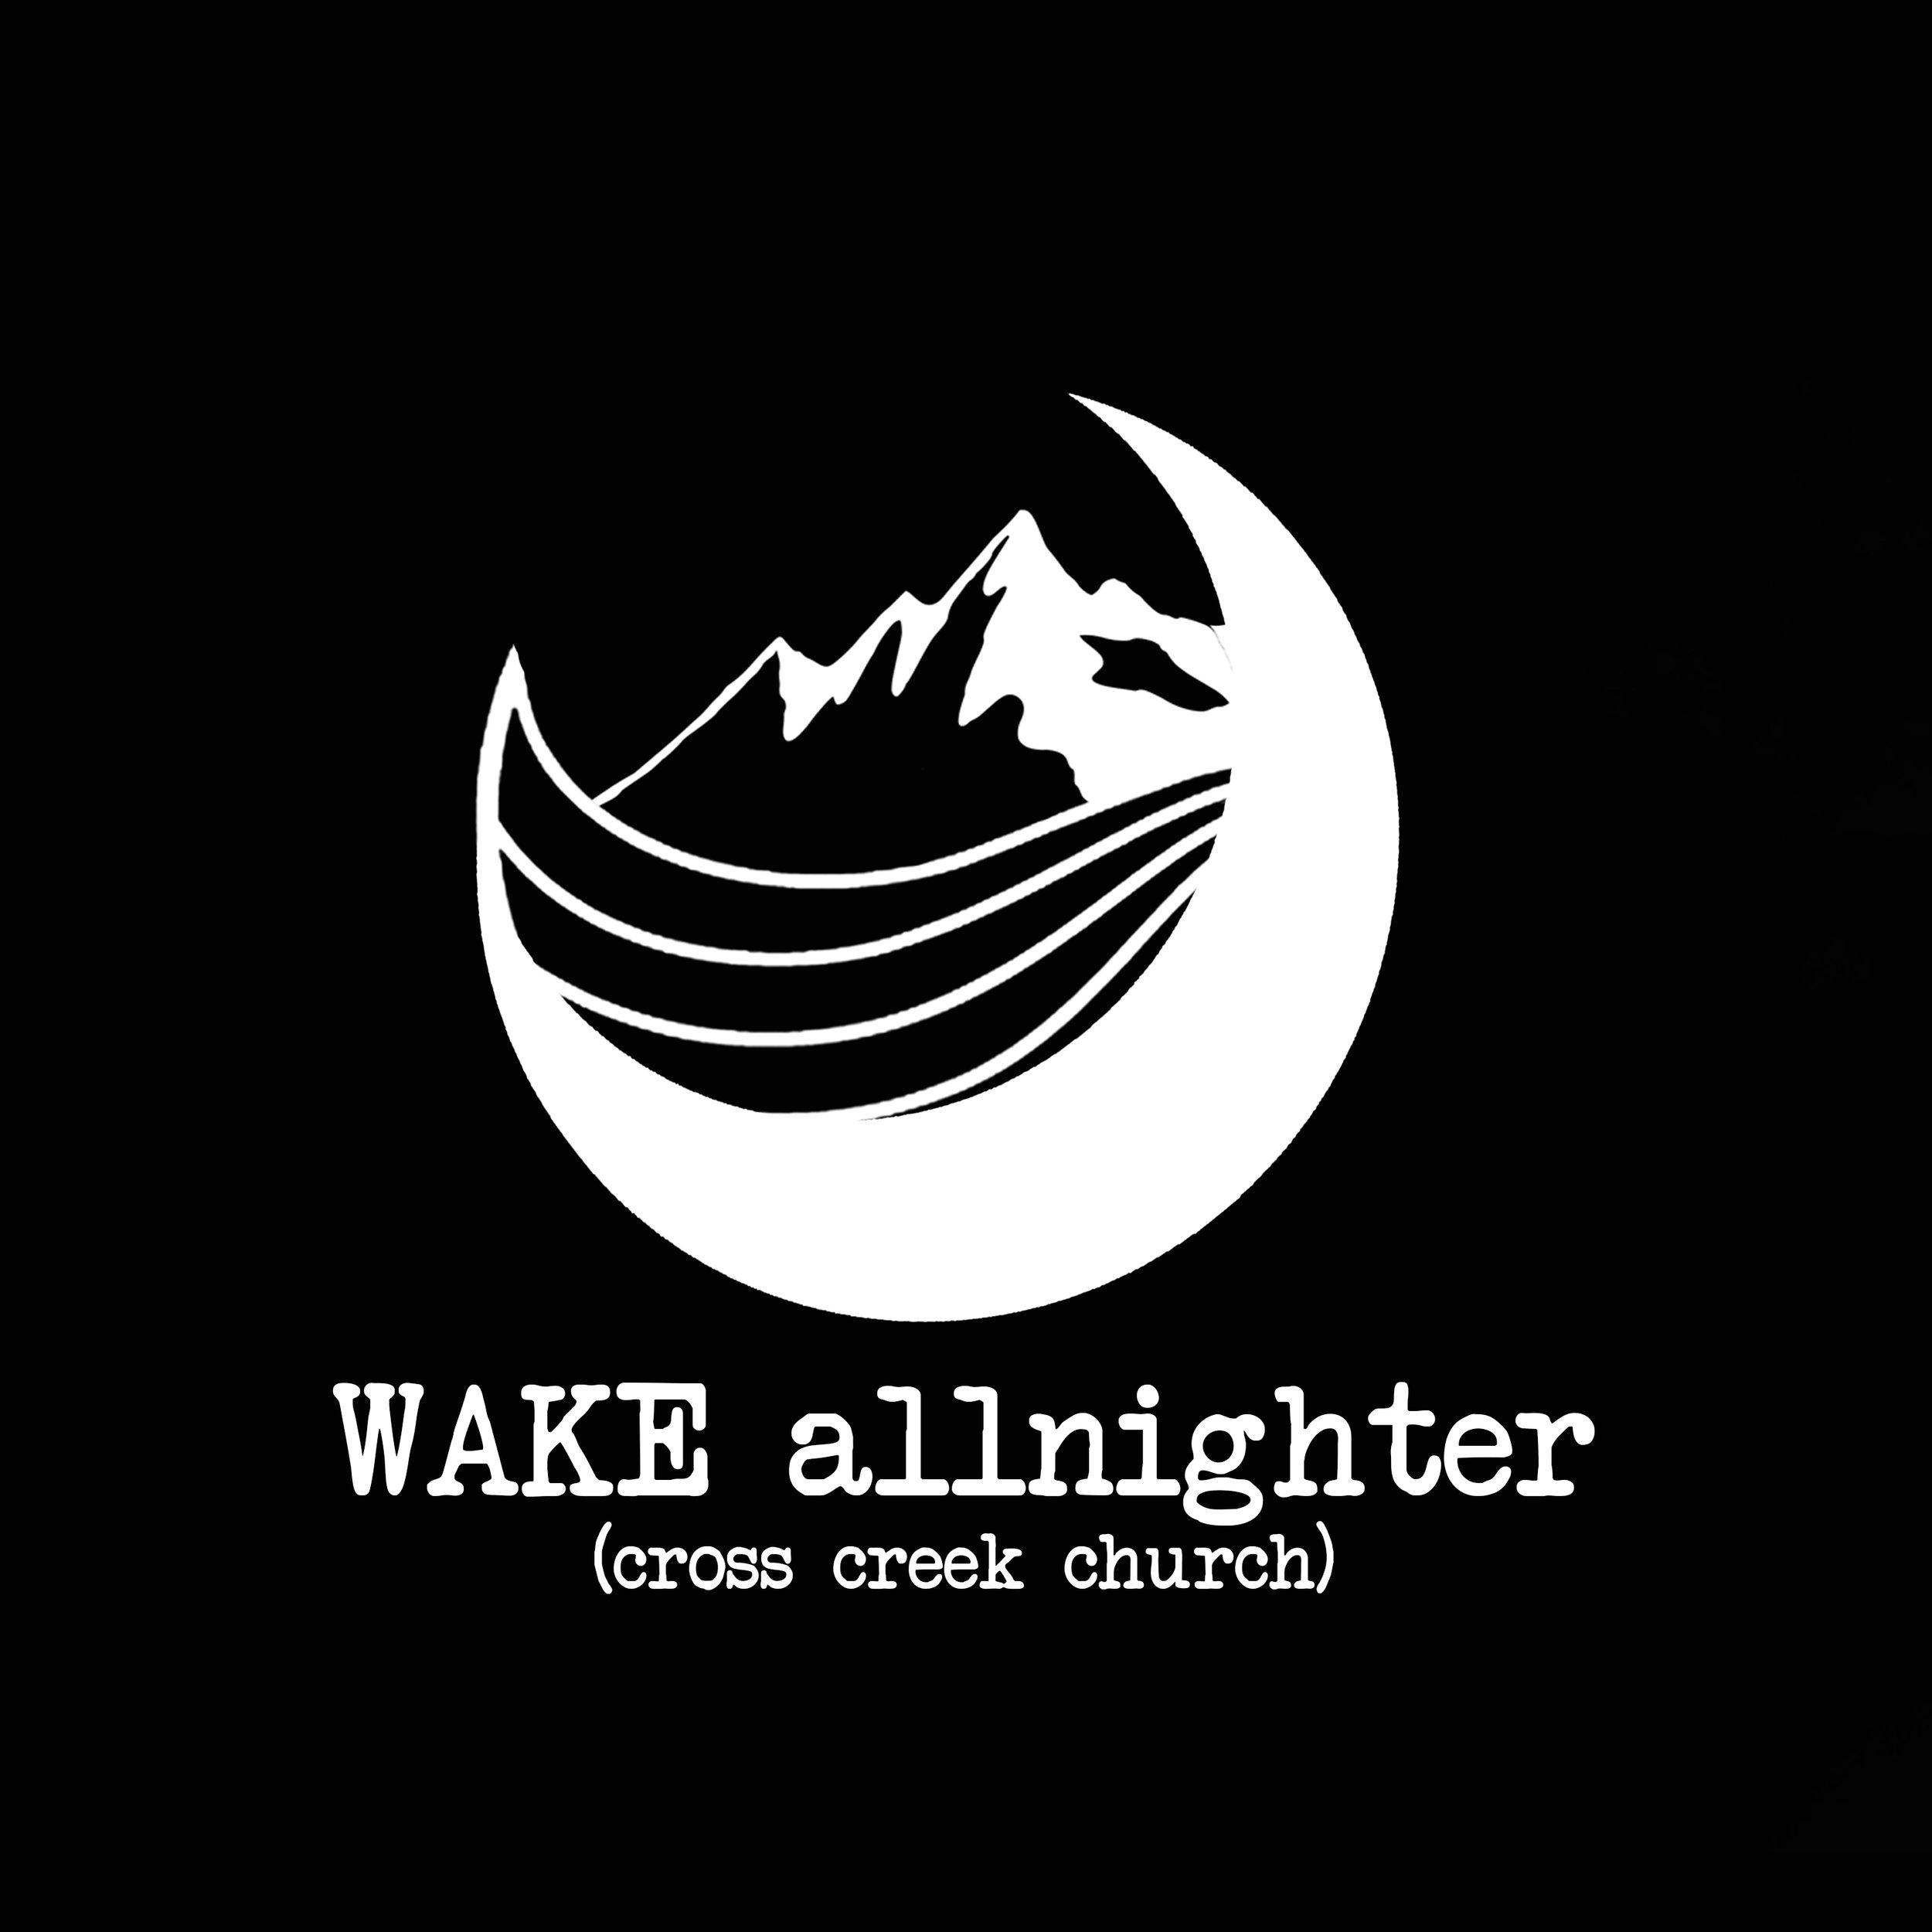 Wake_Allnighter2.jpg